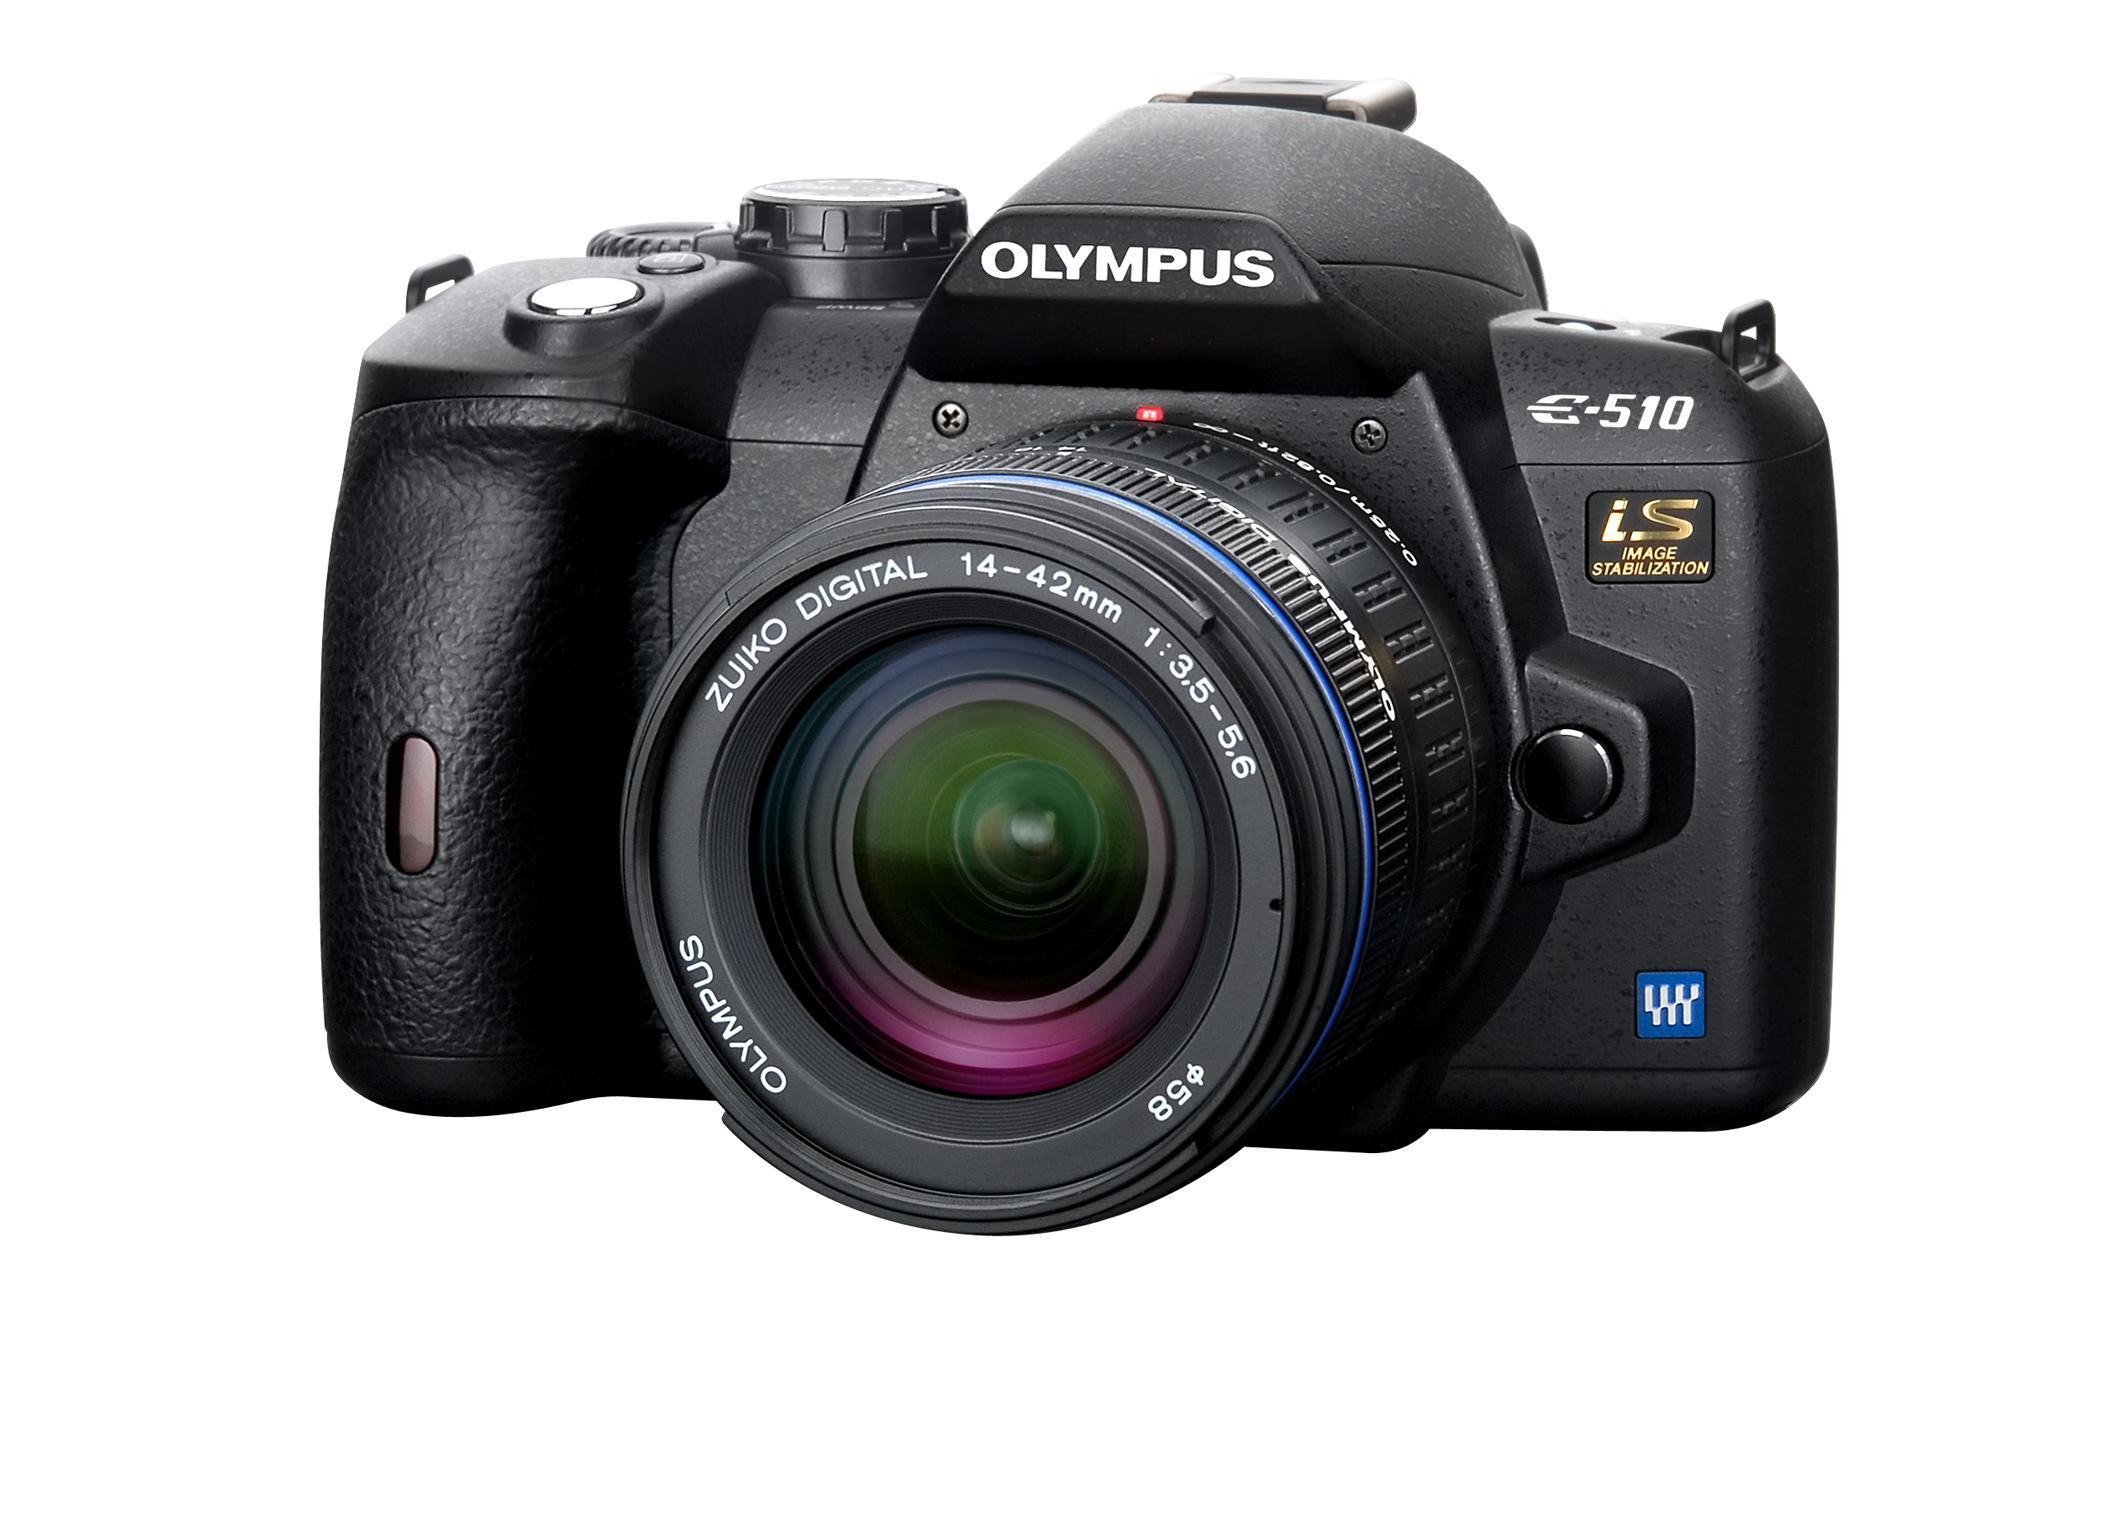 Olympus E-510 - snart i ny versjon?